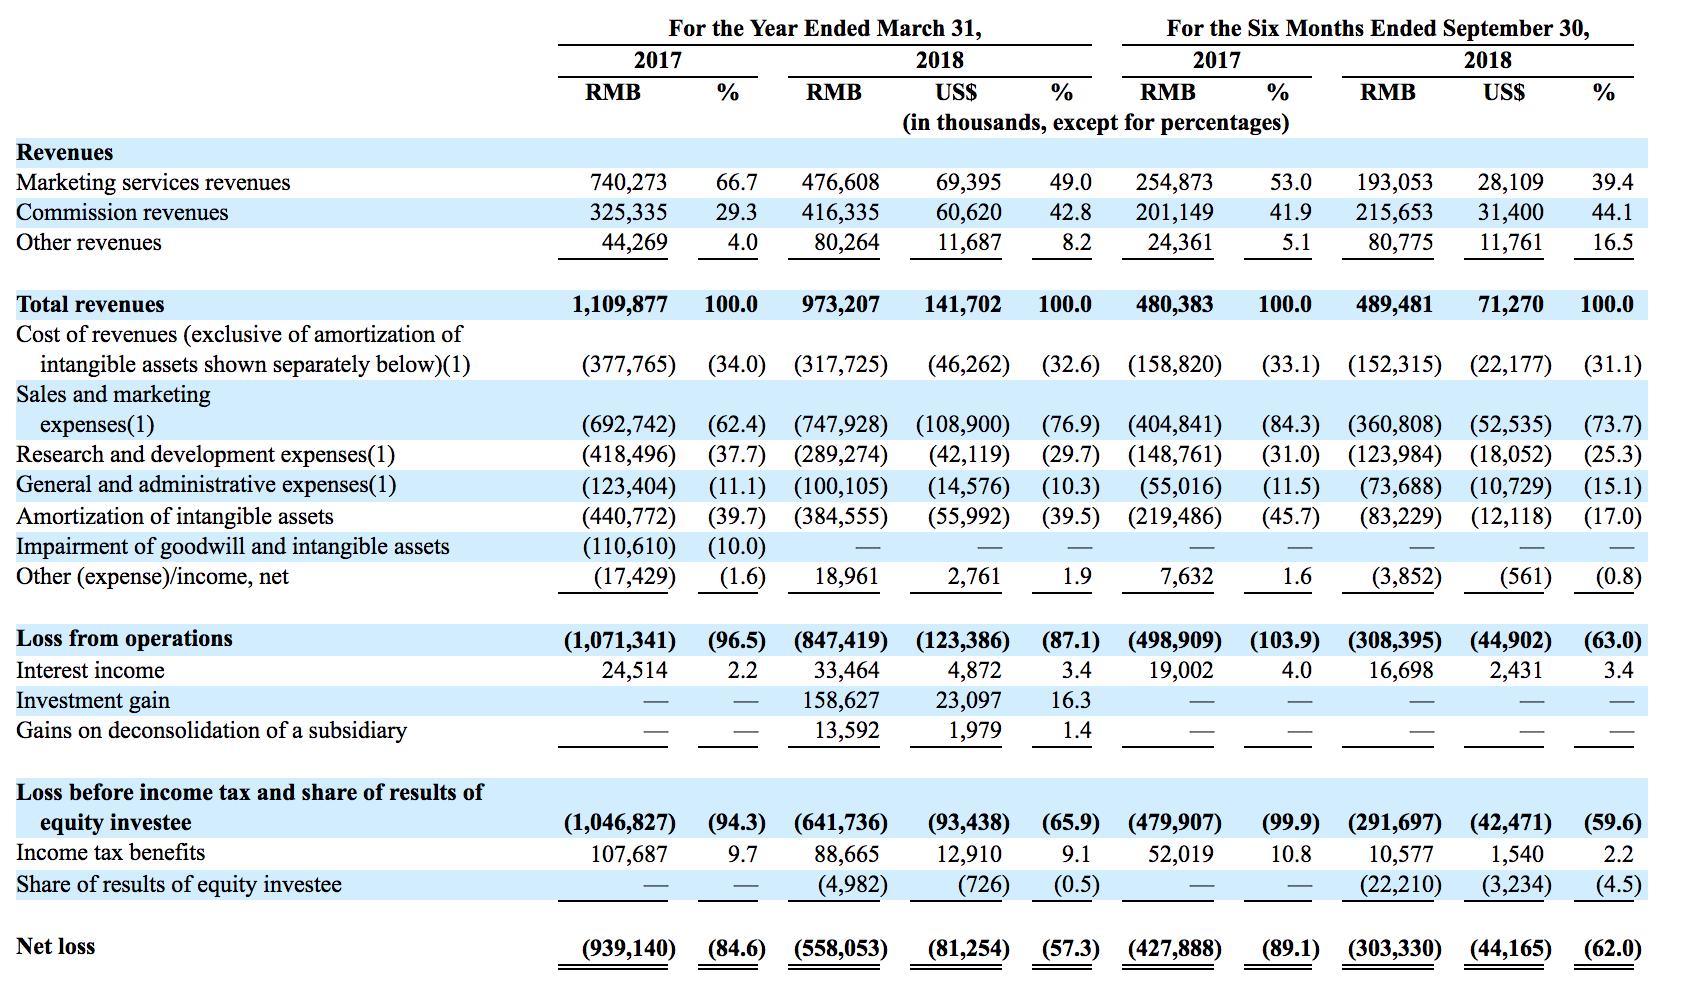 蘑菇街在美递交招股书:最高募资2亿美元 腾讯为最大股东